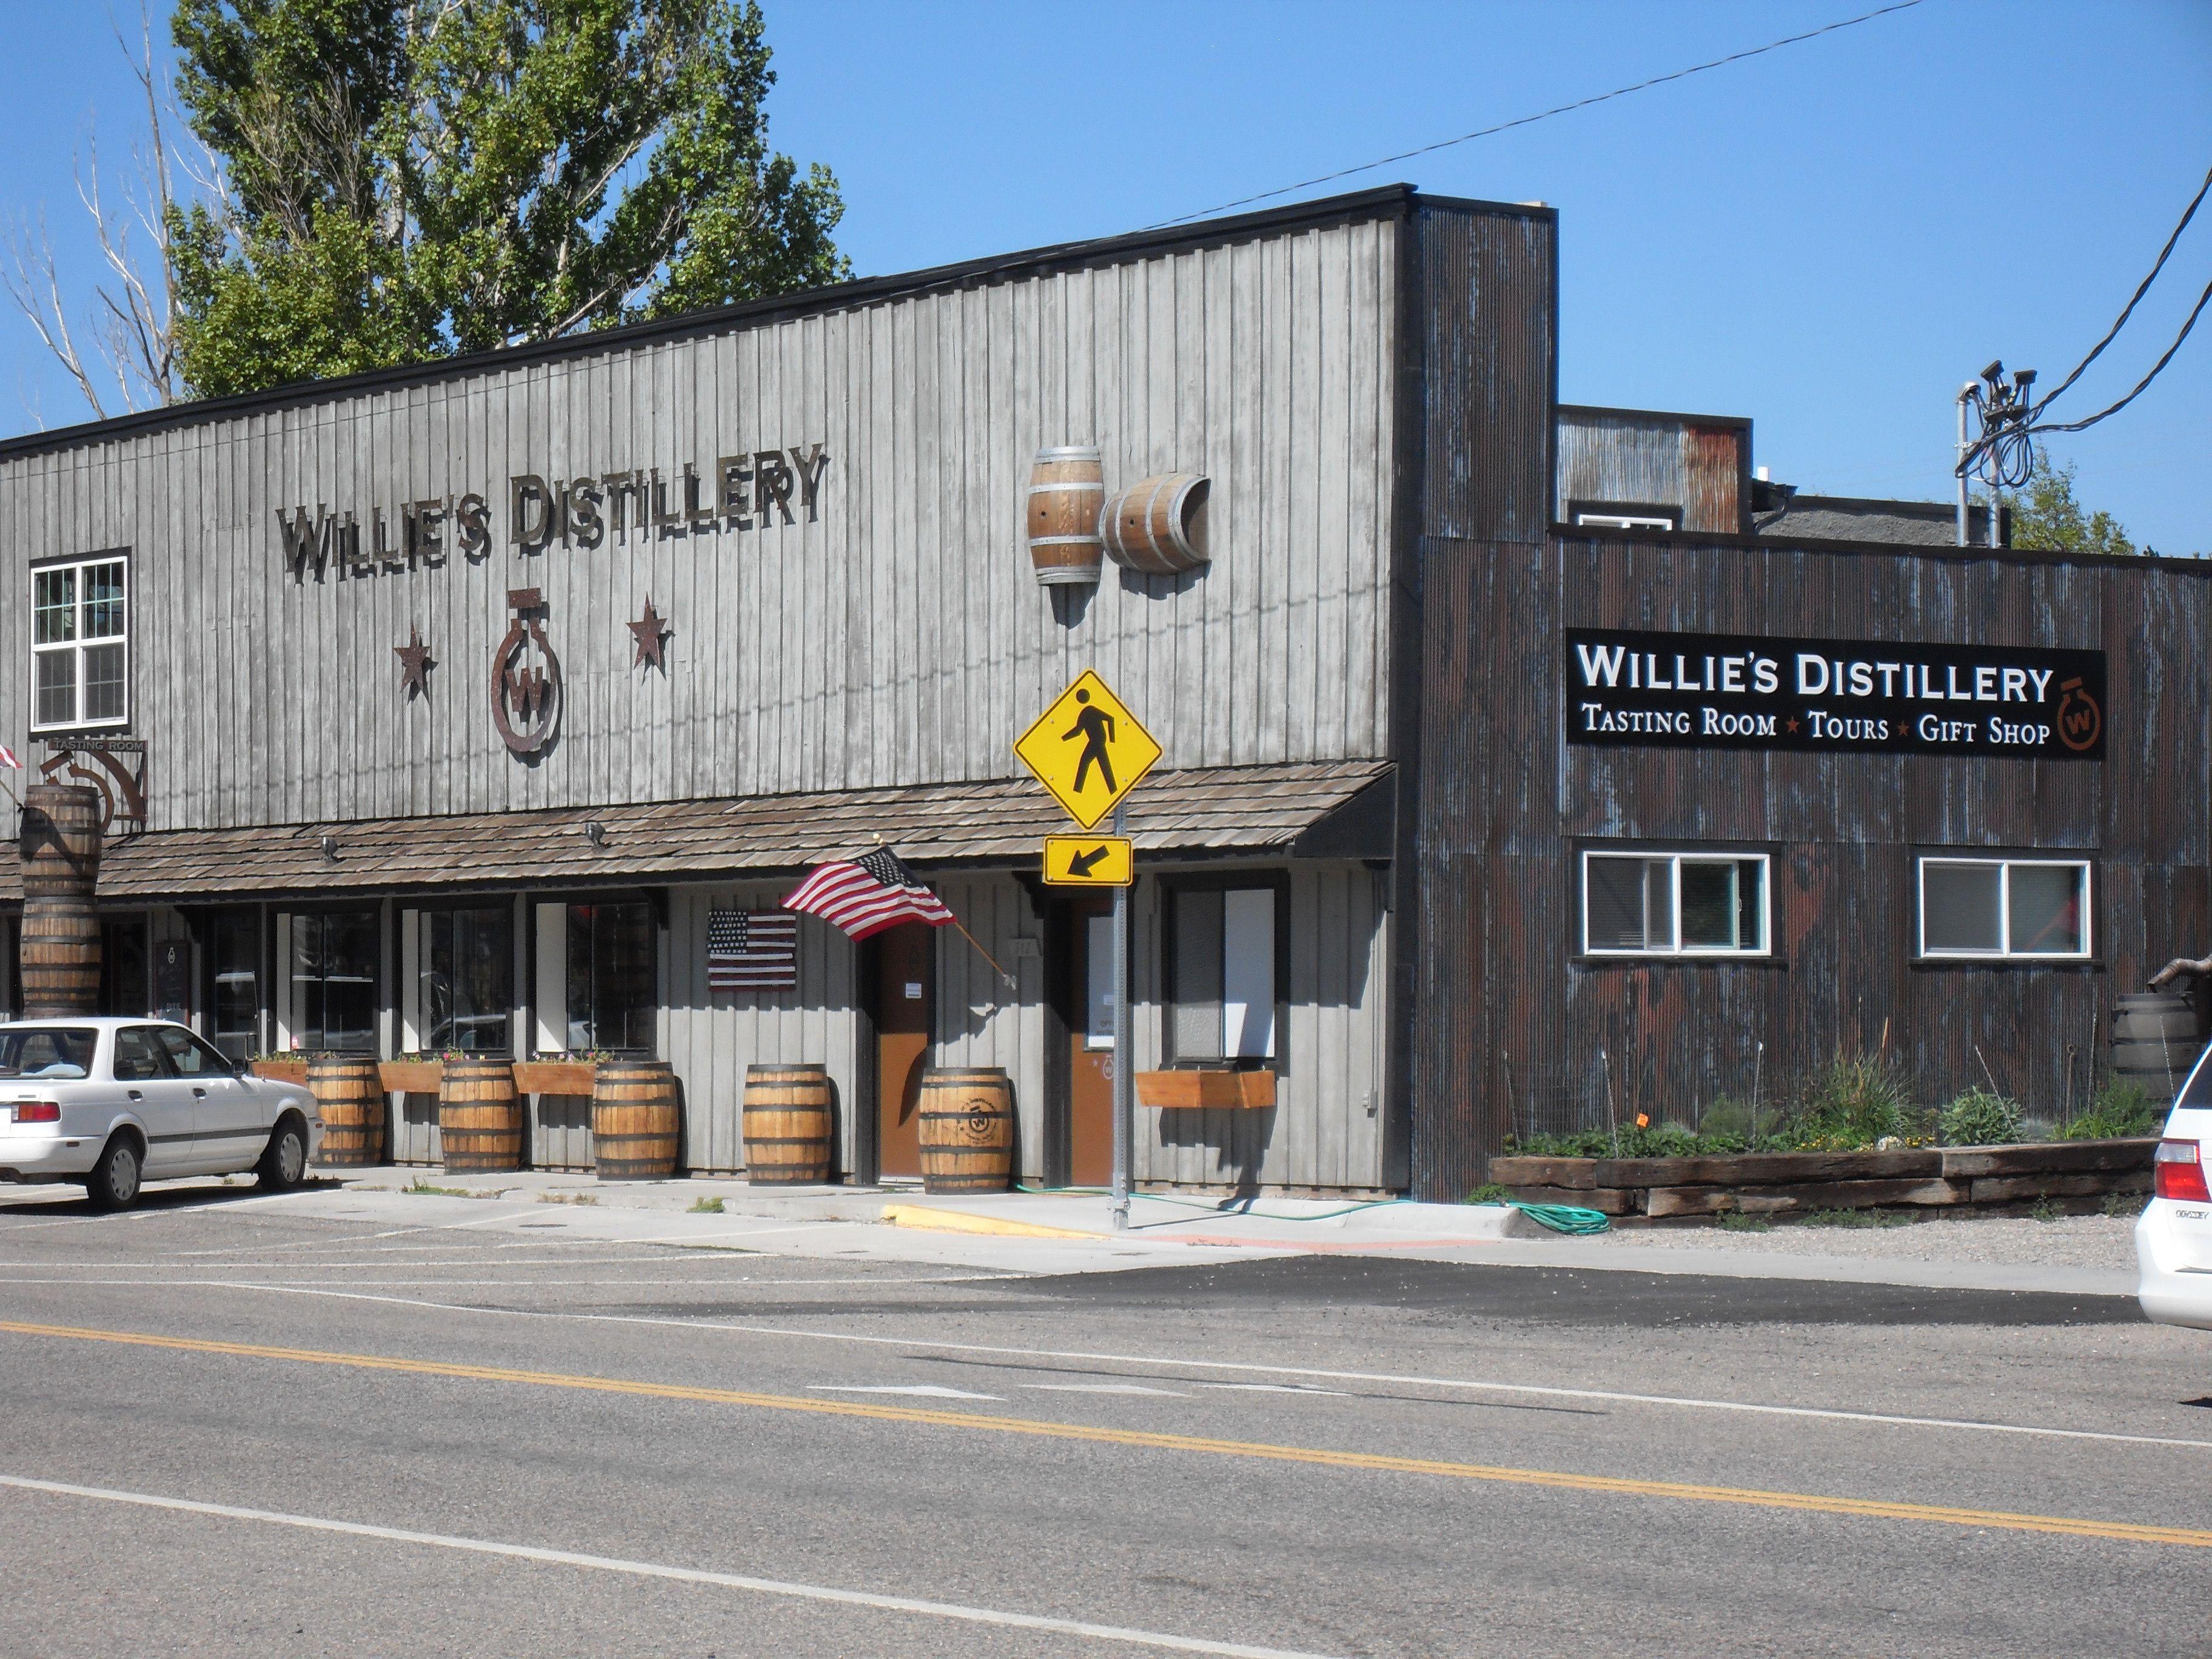 Willie's Distillery in Ennis